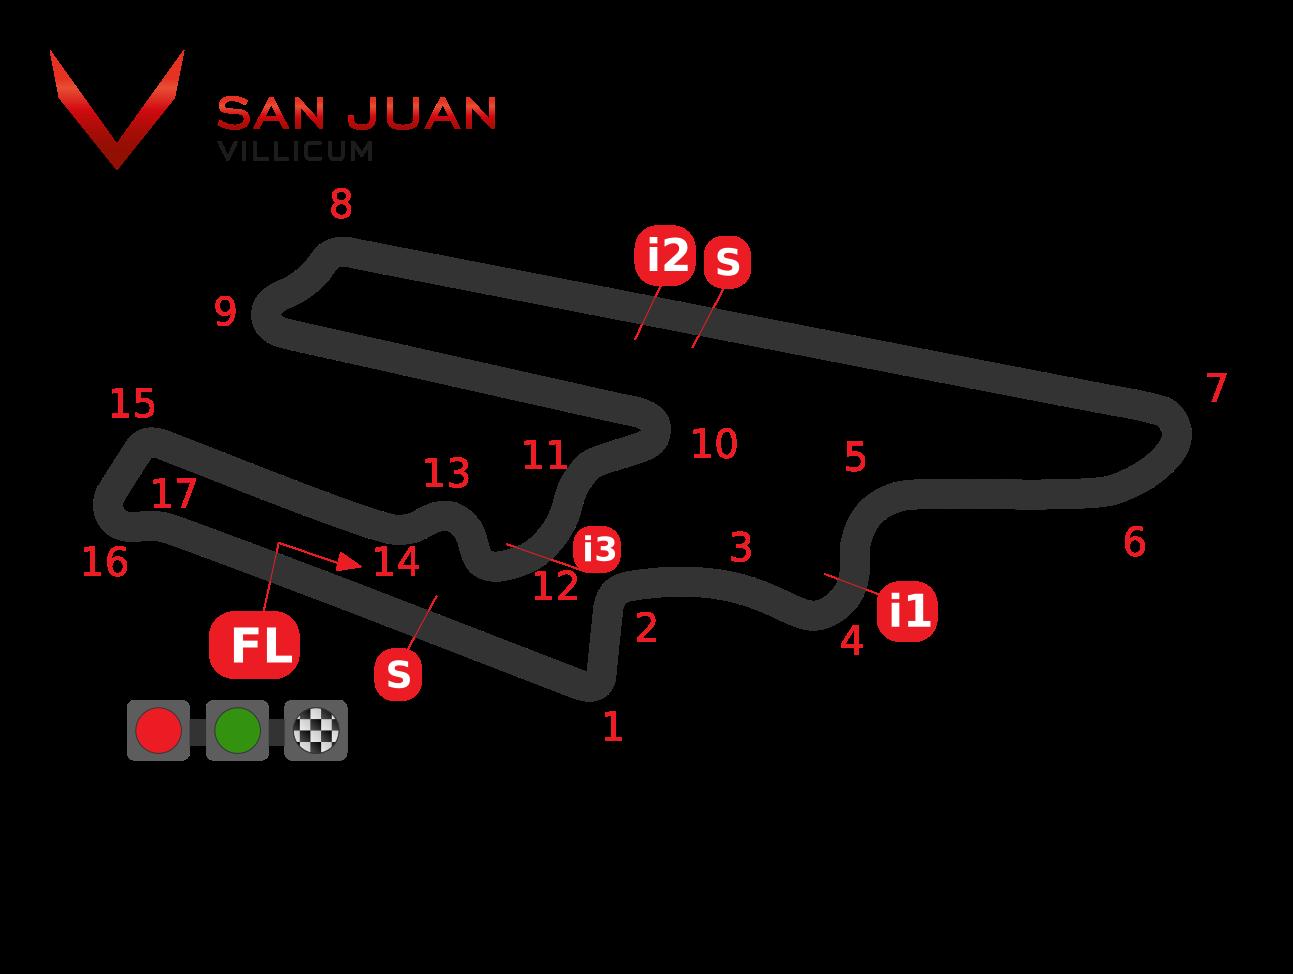 Схема трассы Вилликум